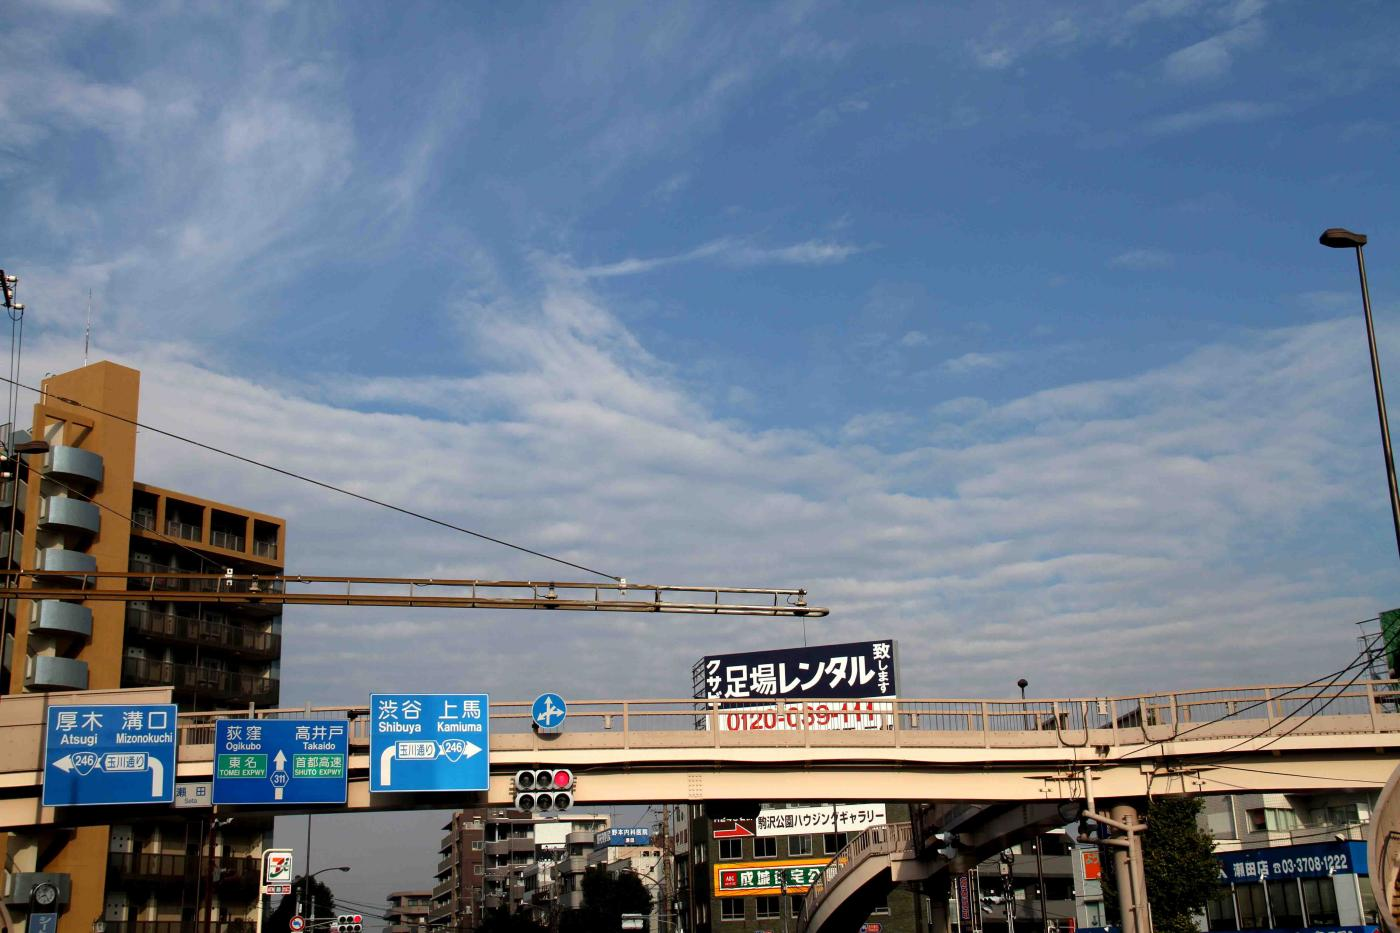 20111030 08時23分 雲(1)